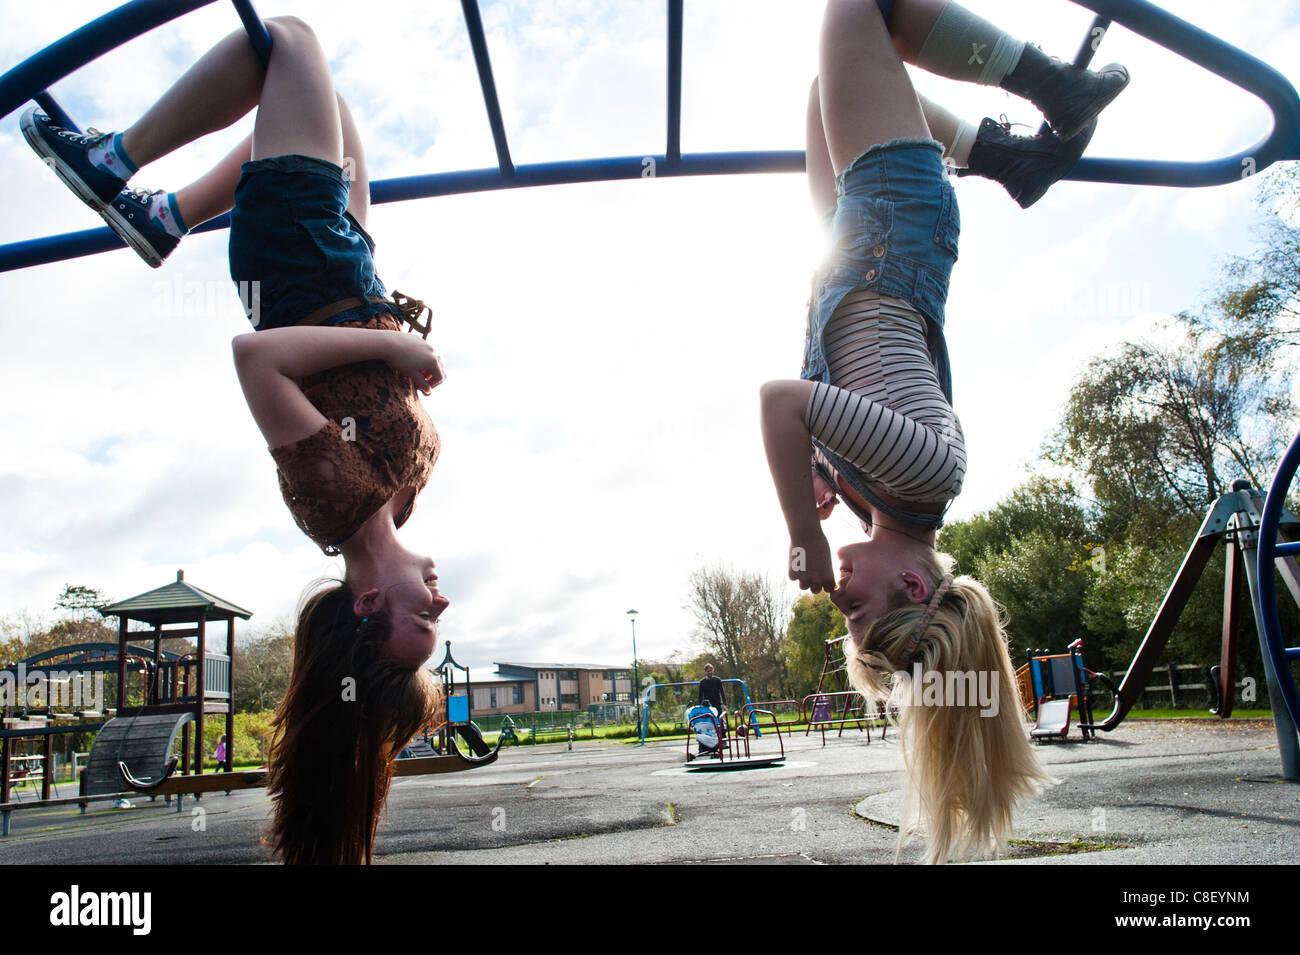 Due 16 17 anni, ragazze adolescenti, appeso a testa in giù in un parco giochi, REGNO UNITO Immagini Stock